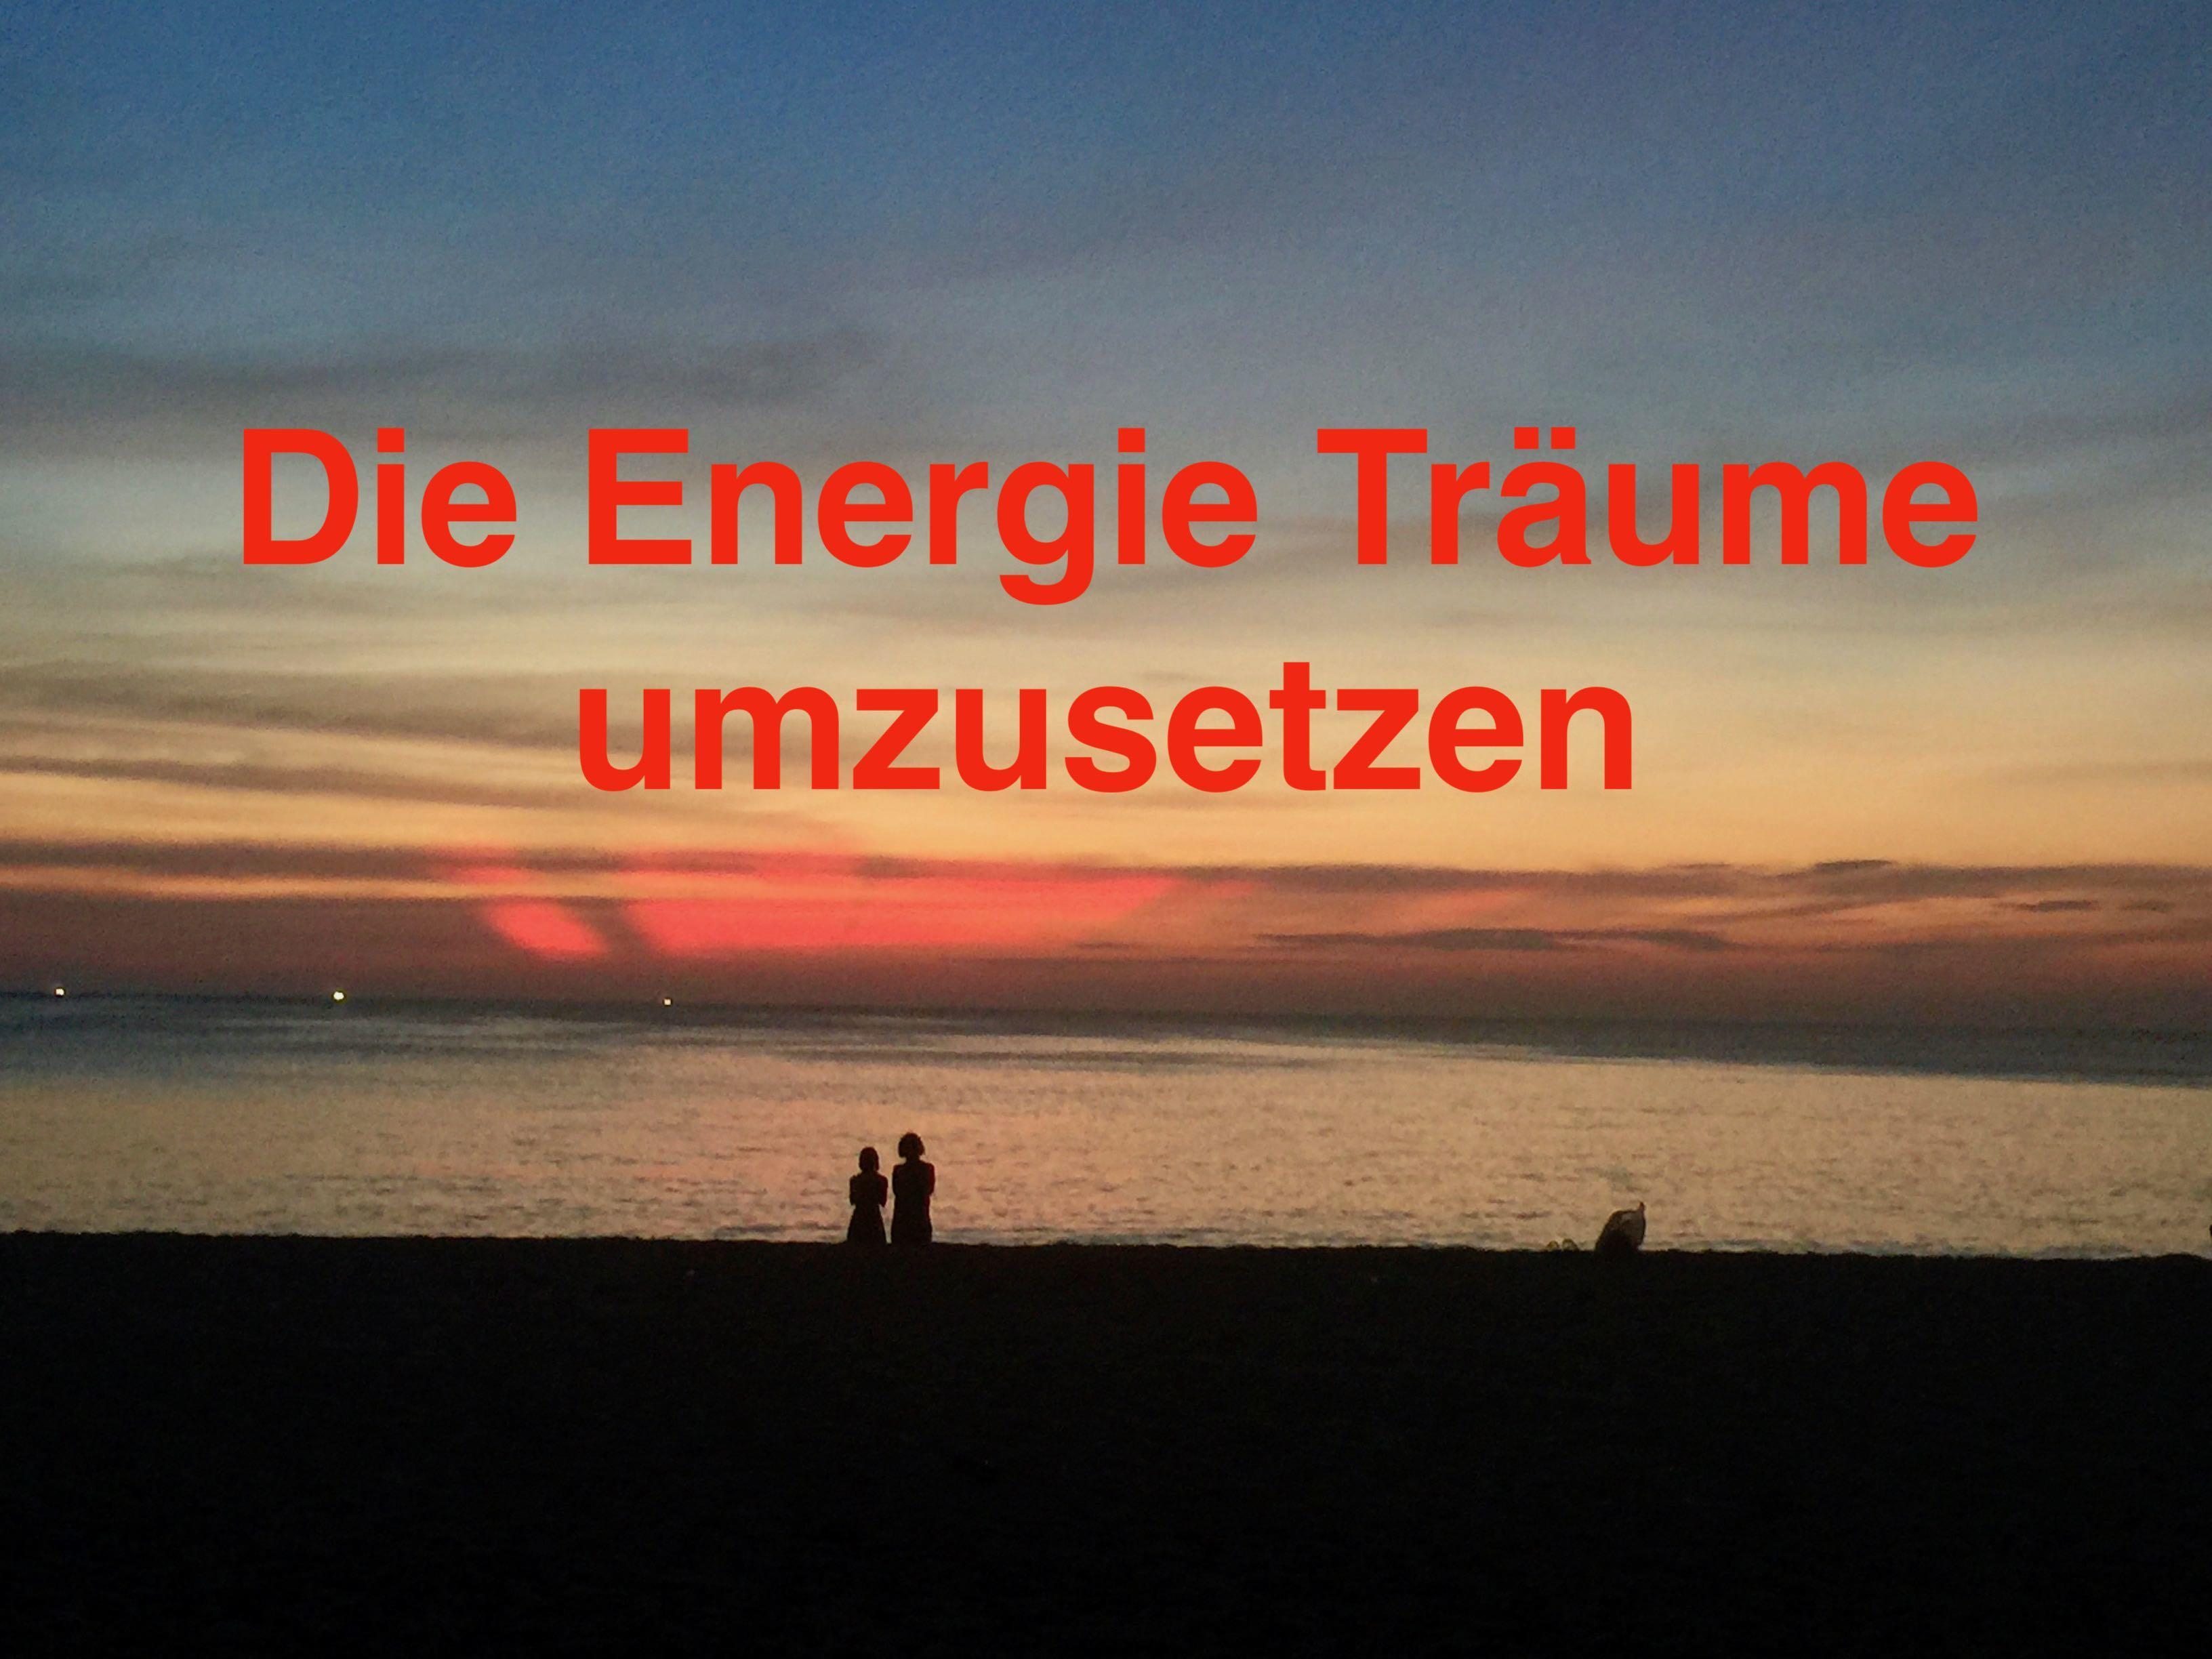 Die Energie Träume umzusetzen